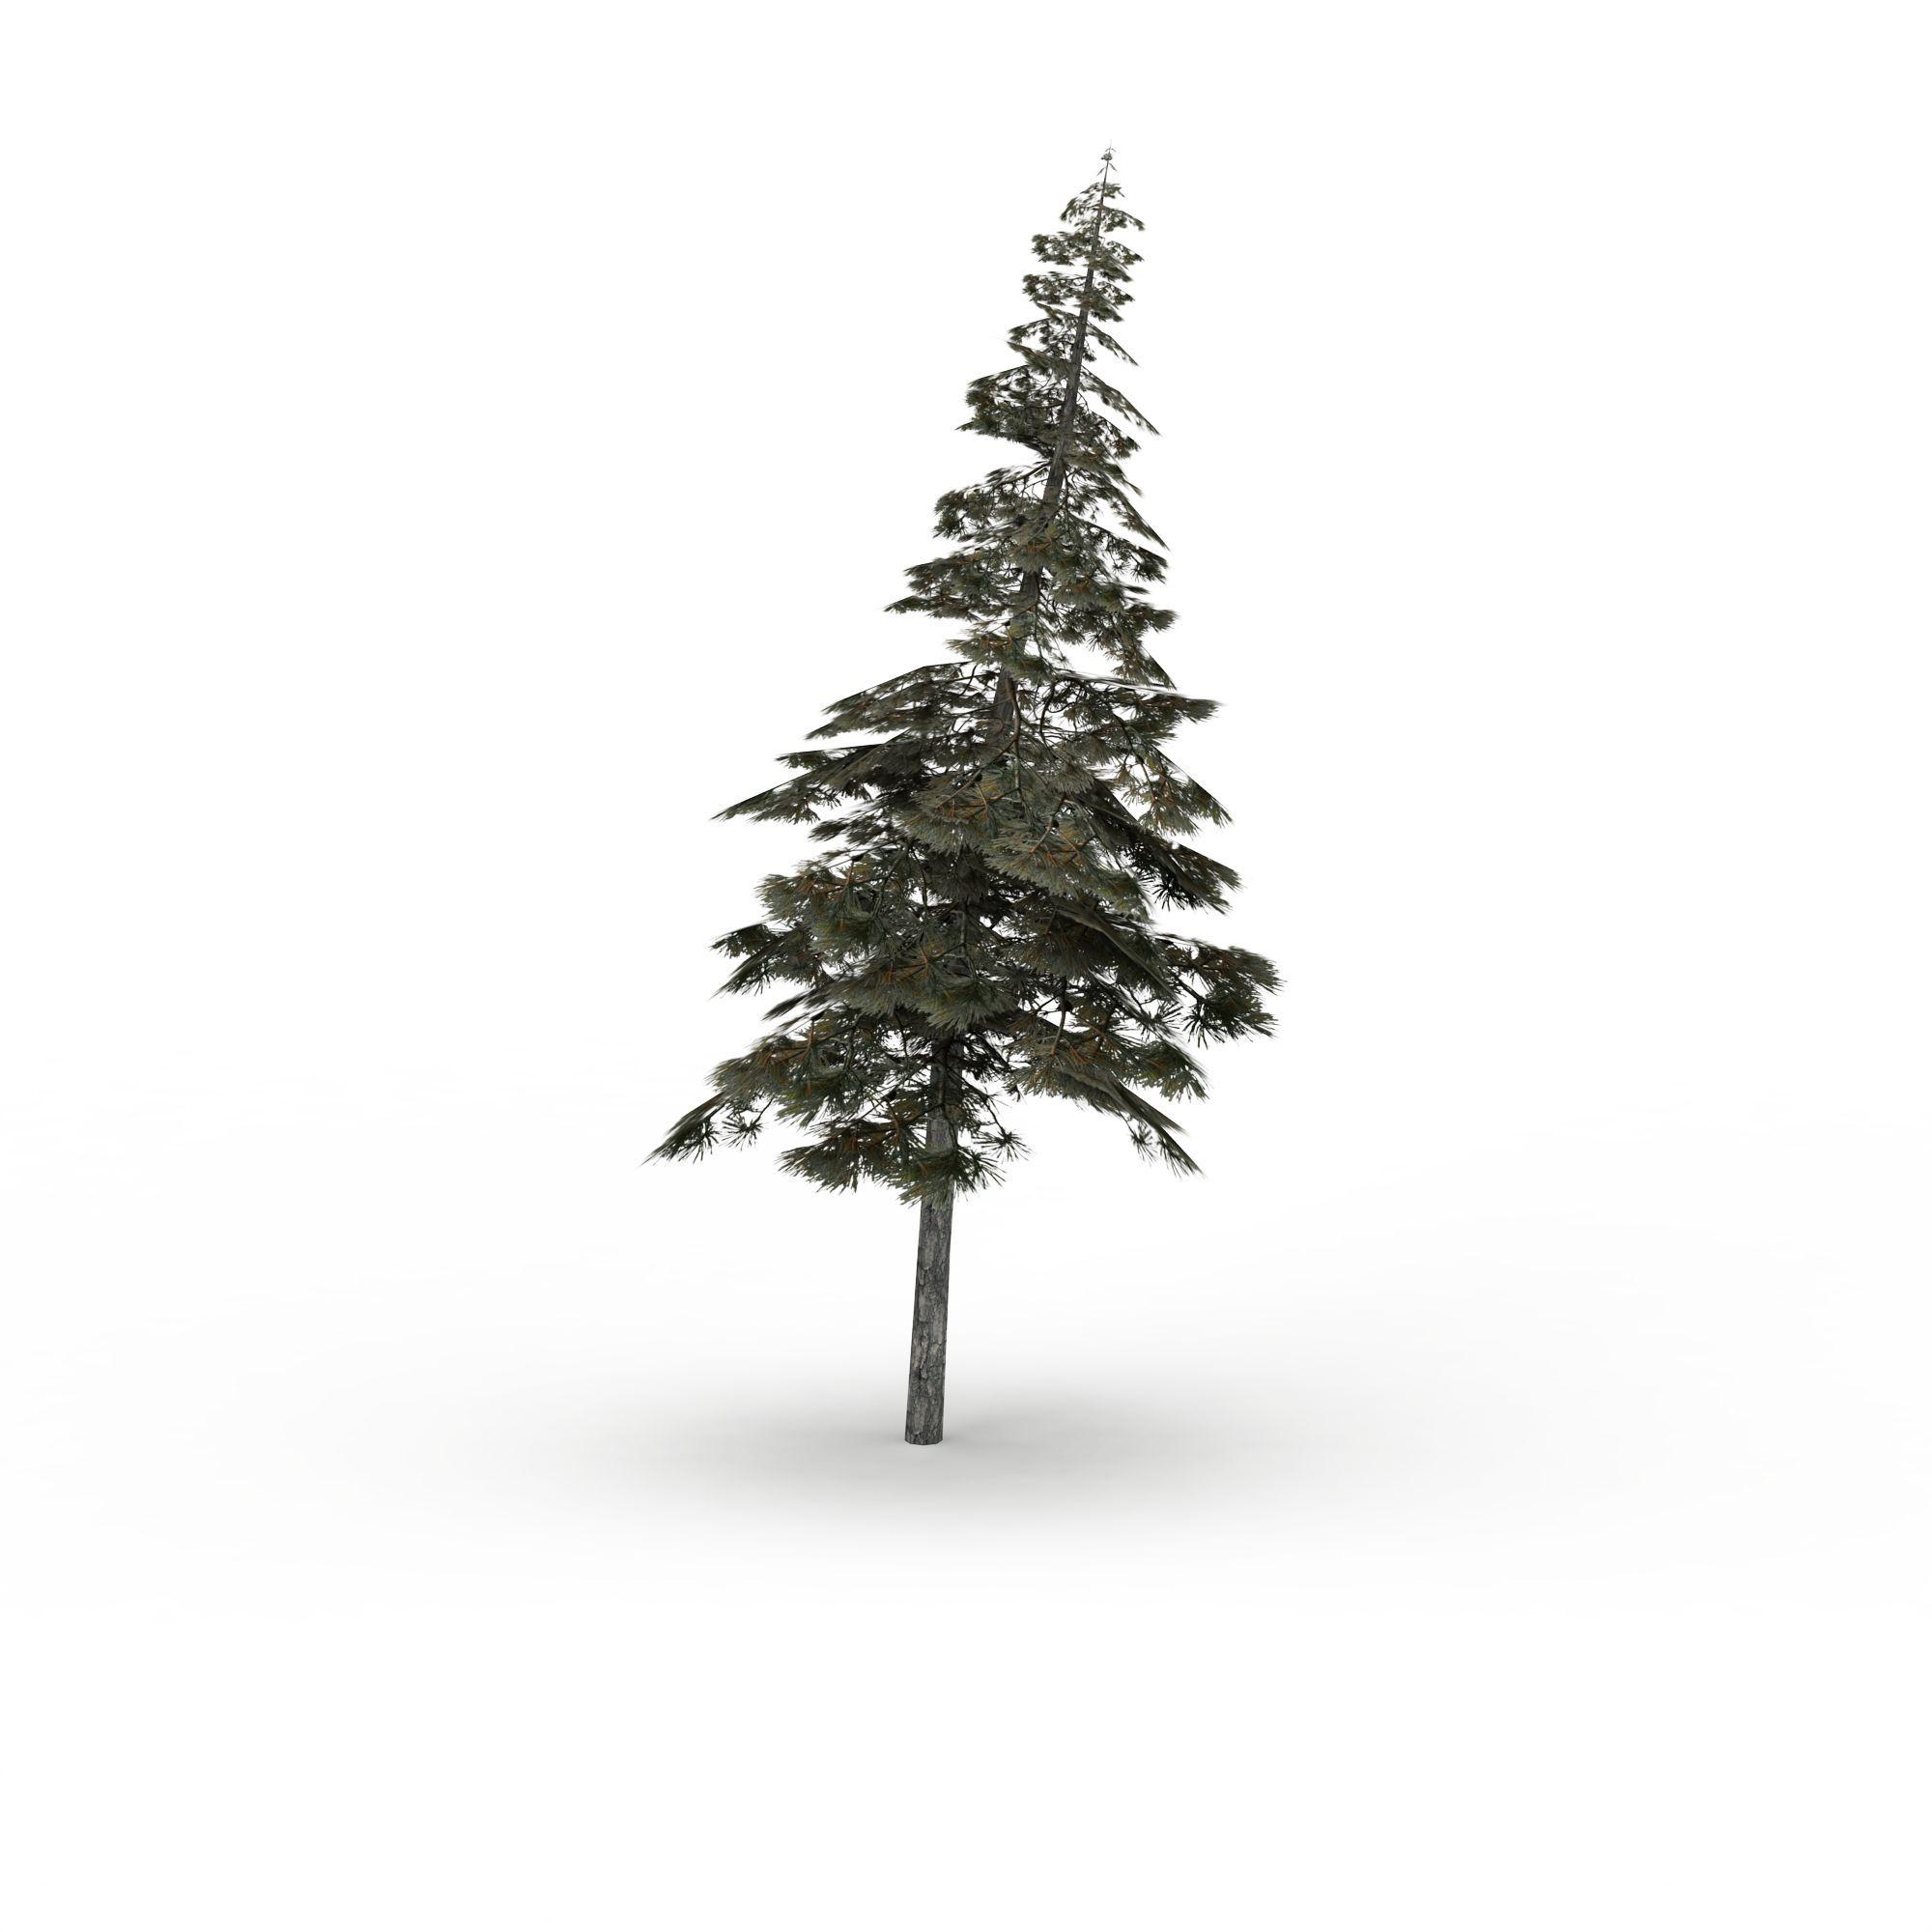 植物 树 松树3d模型 松树png高清图  松树高清图详情 设计师 3d学院